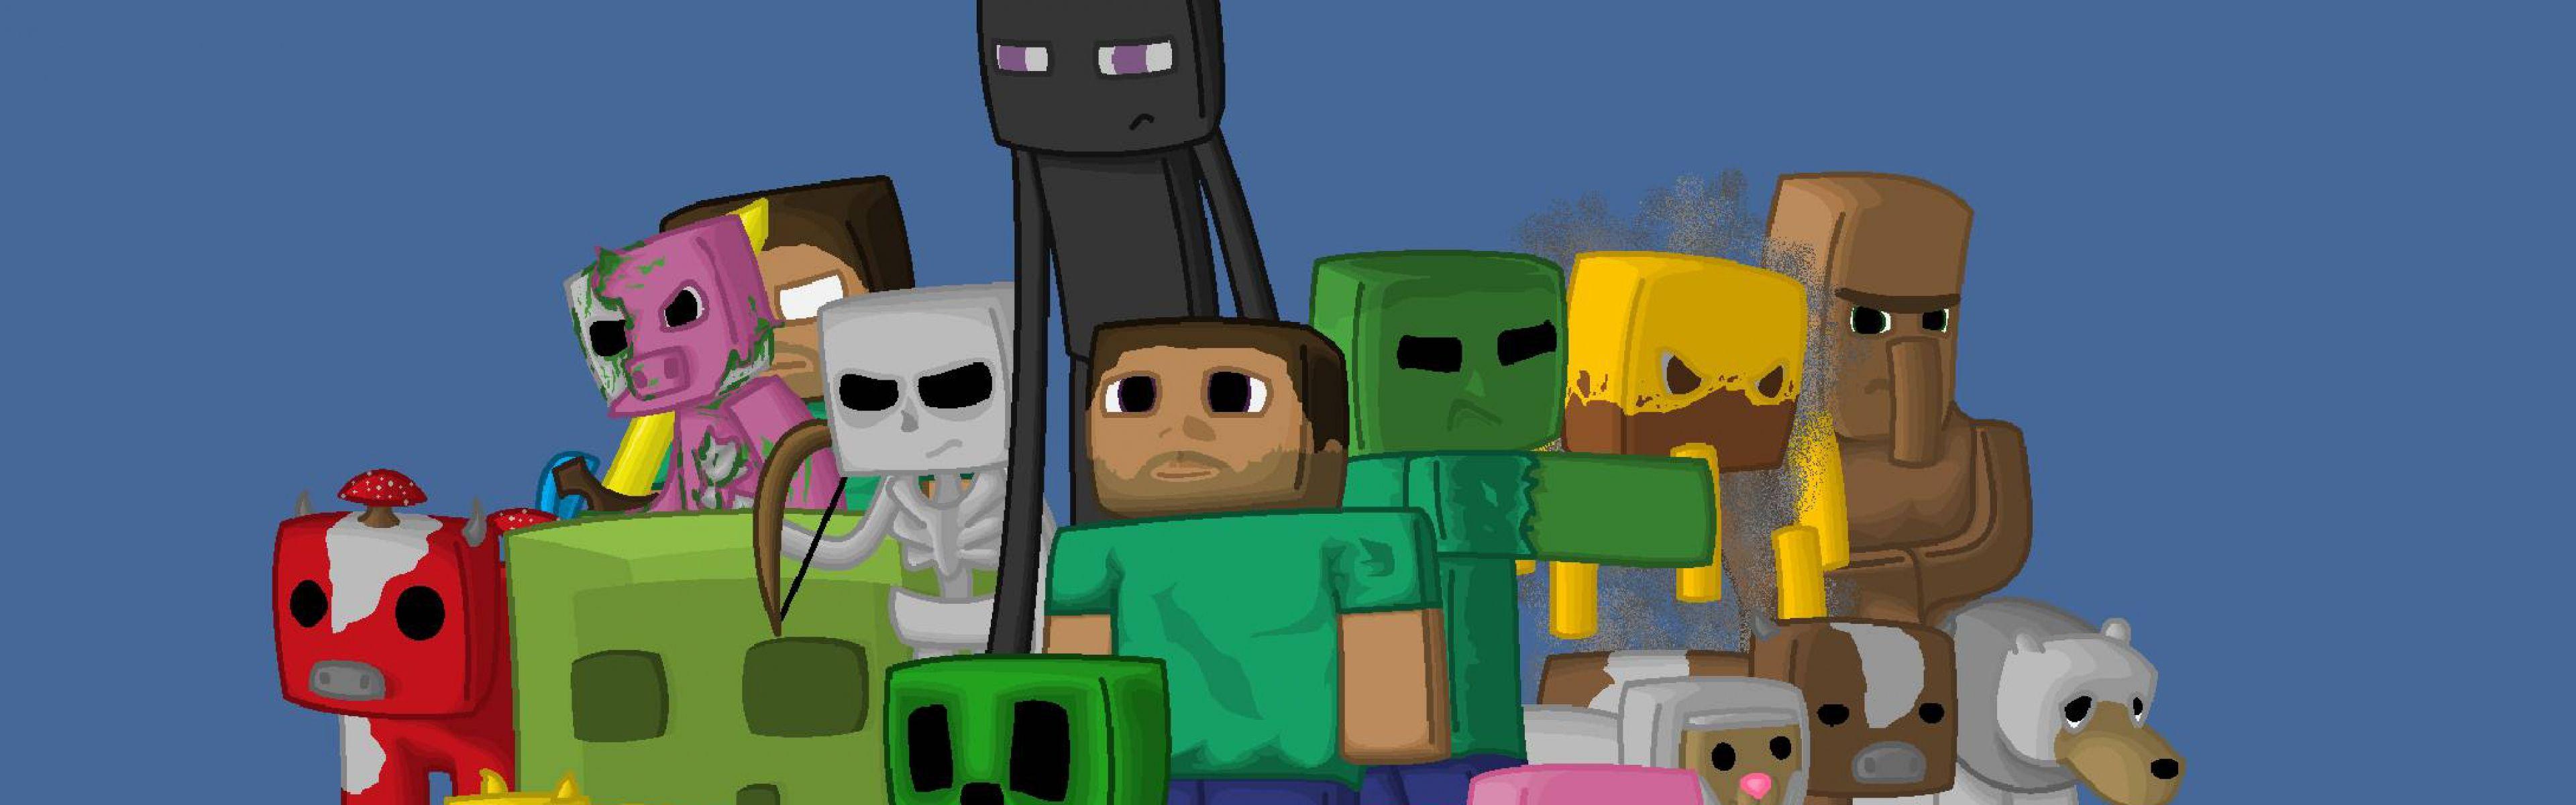 Popular Wallpaper Minecraft Simple - 6730f16d9058777711c66f7be61f66f7  Graphic_976567.jpg